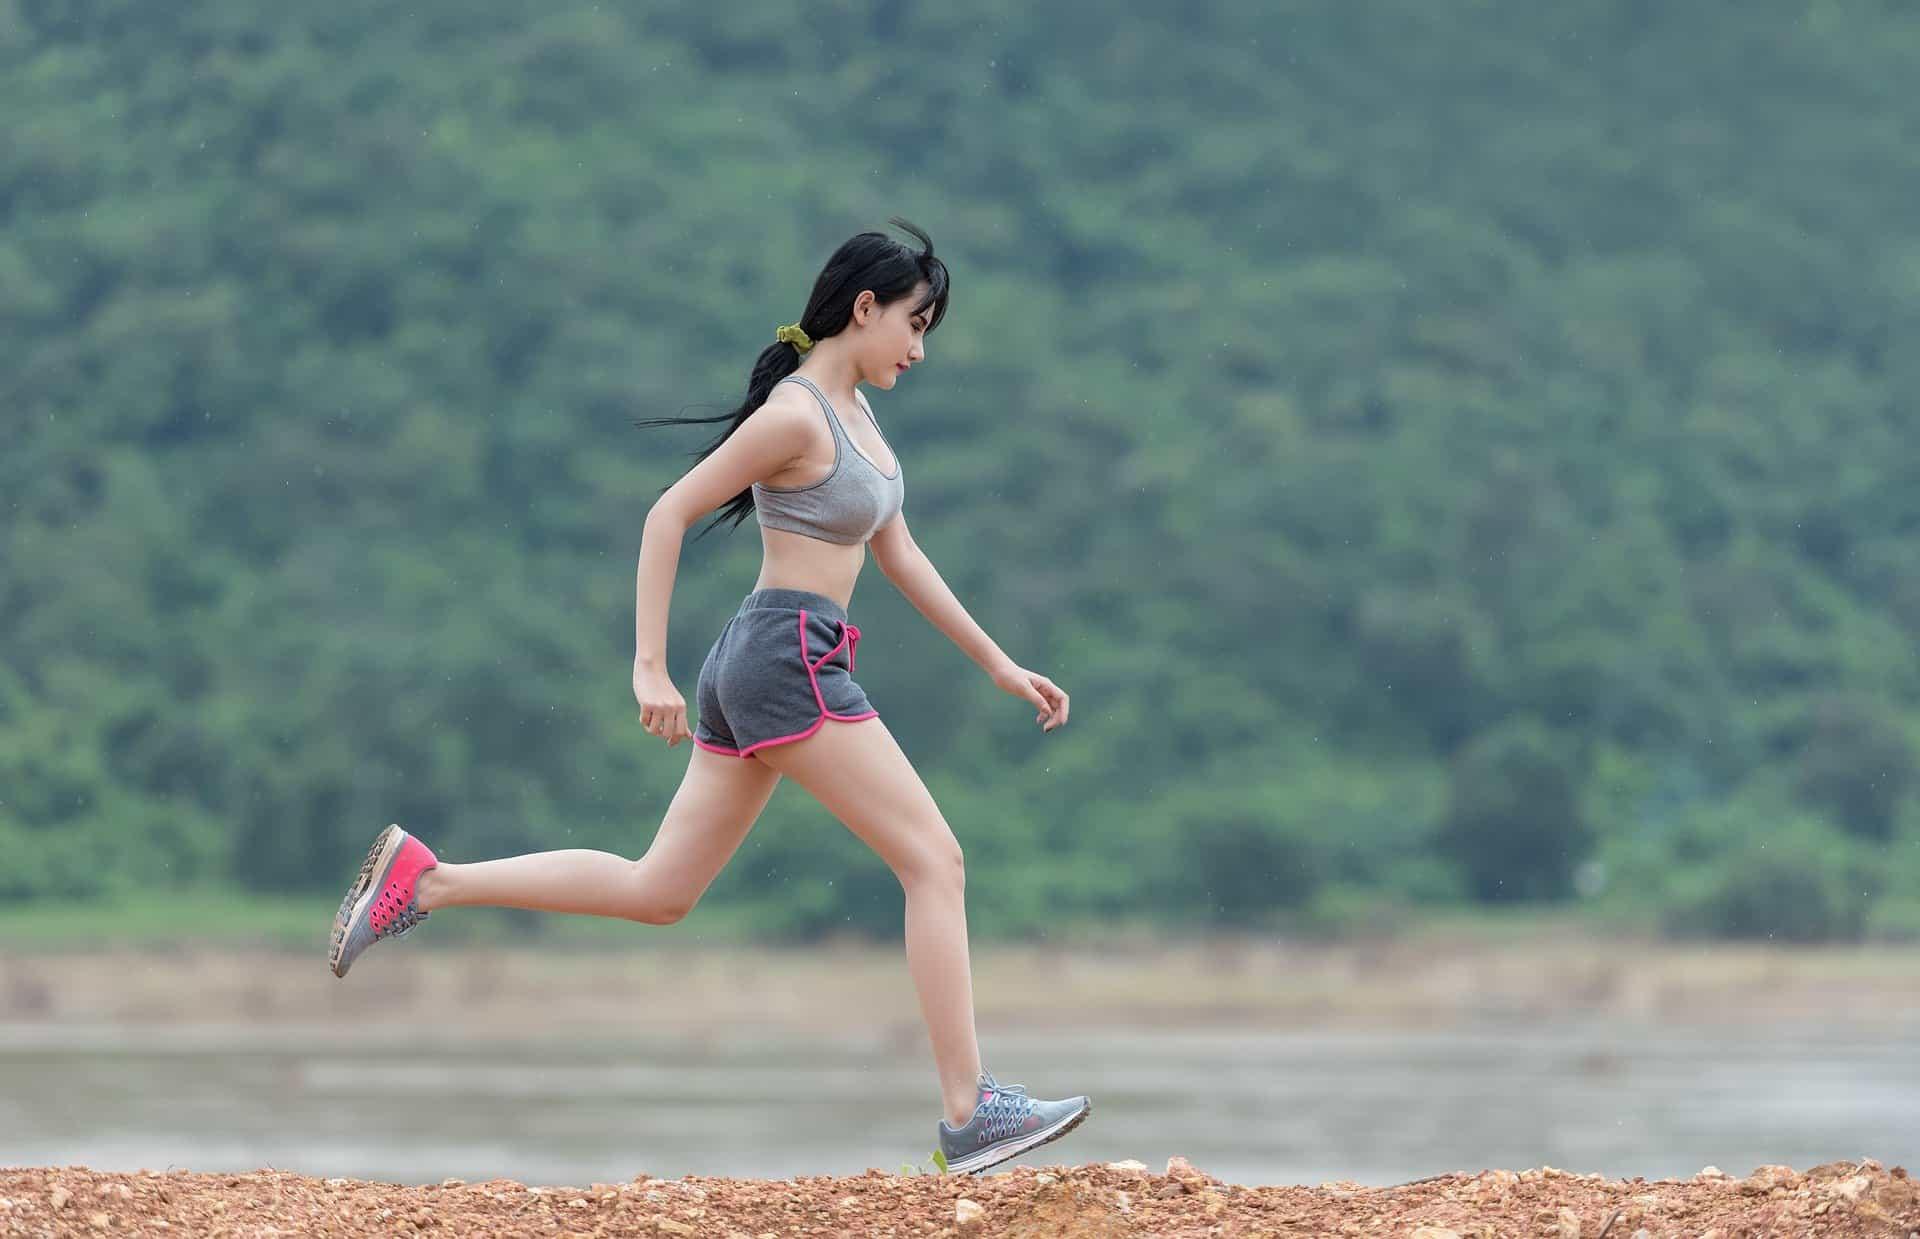 Dimagrire velocemente con un'ora di sprint invece di sette di jogging